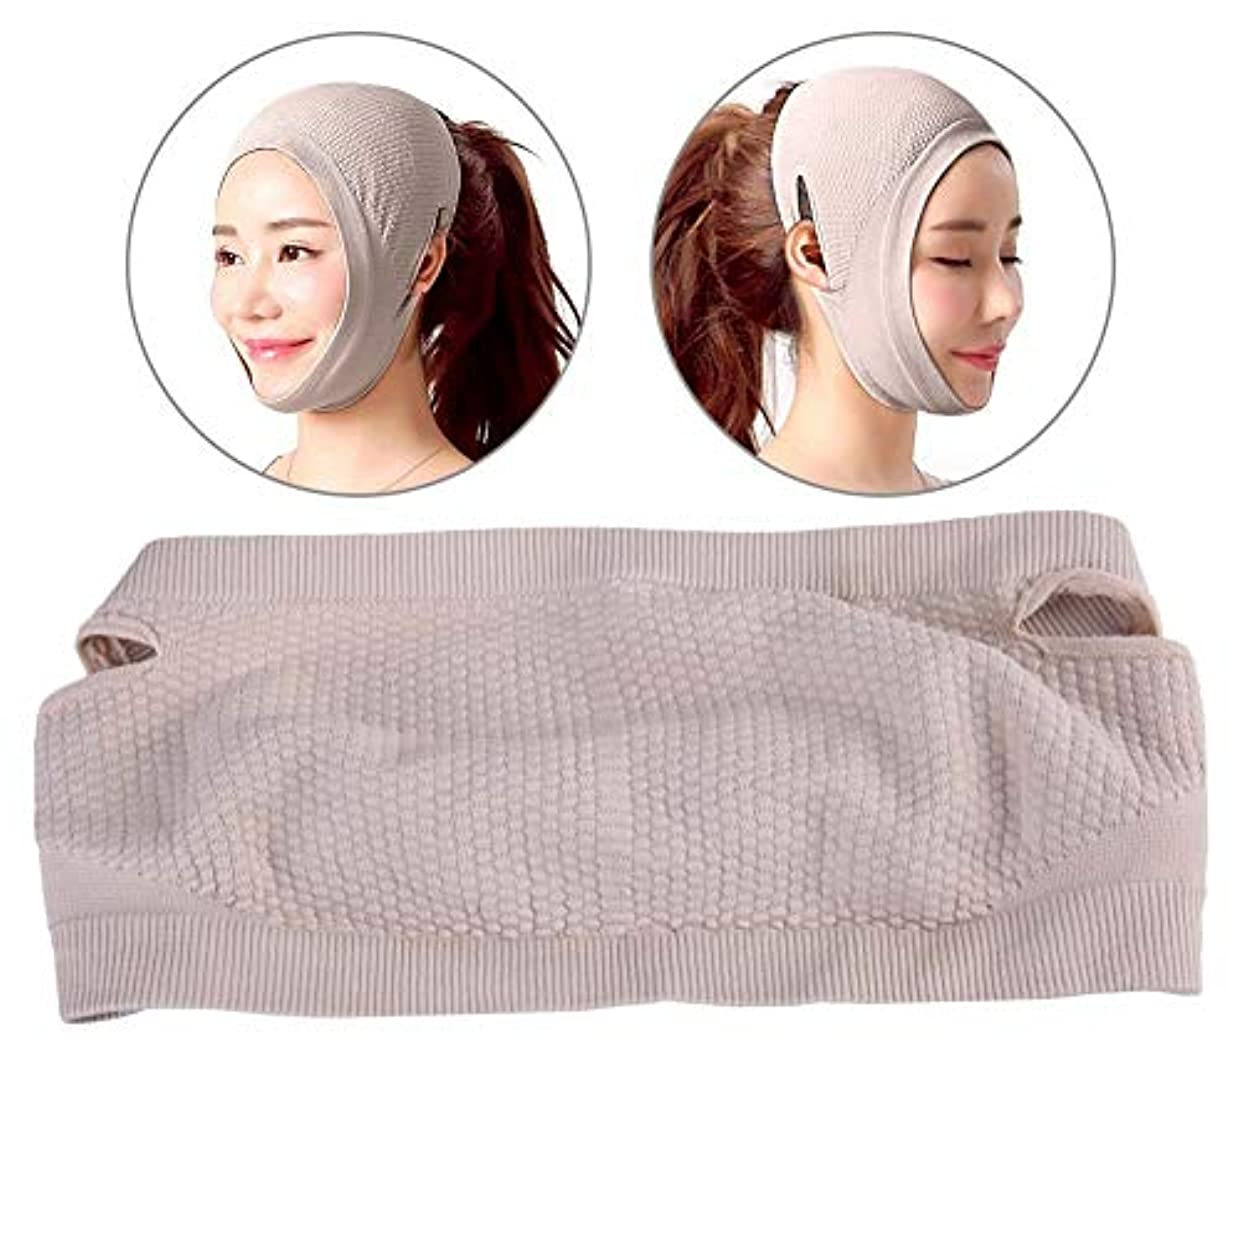 不正不安定なほめる顔の輪郭を改善するVフェイス美容包帯 フェイシャルリフティングマスク、露出耳のデザイン/通気性/伸縮性/副作用なし